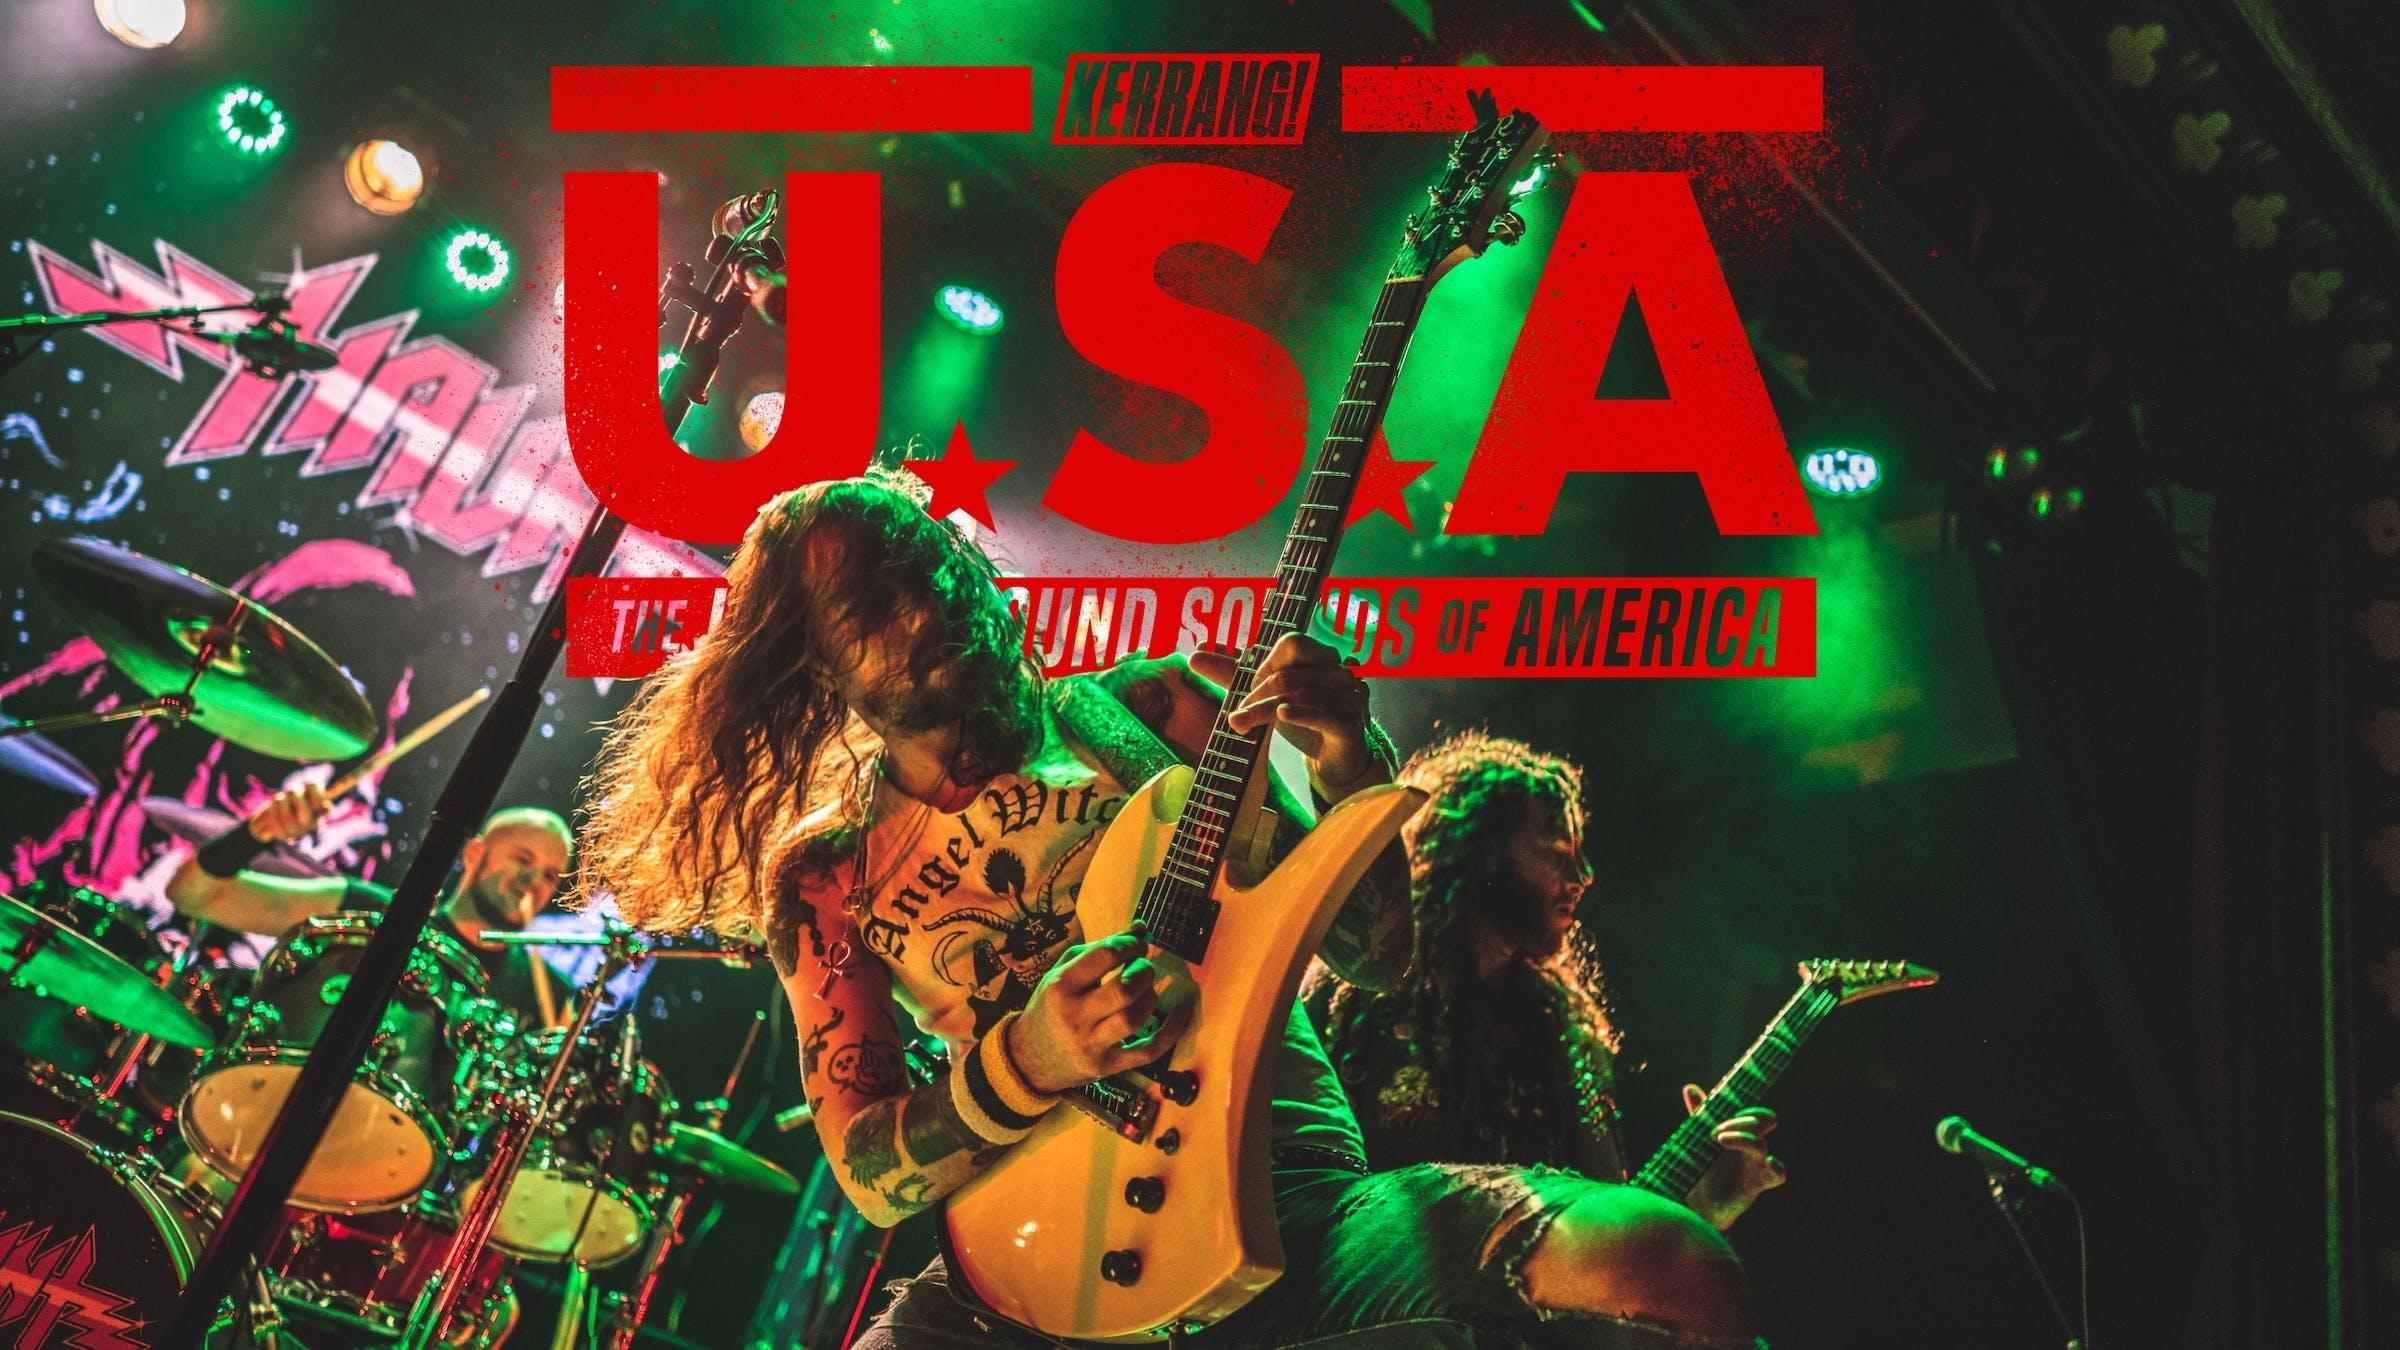 The Underground Sounds Of America: Haunt